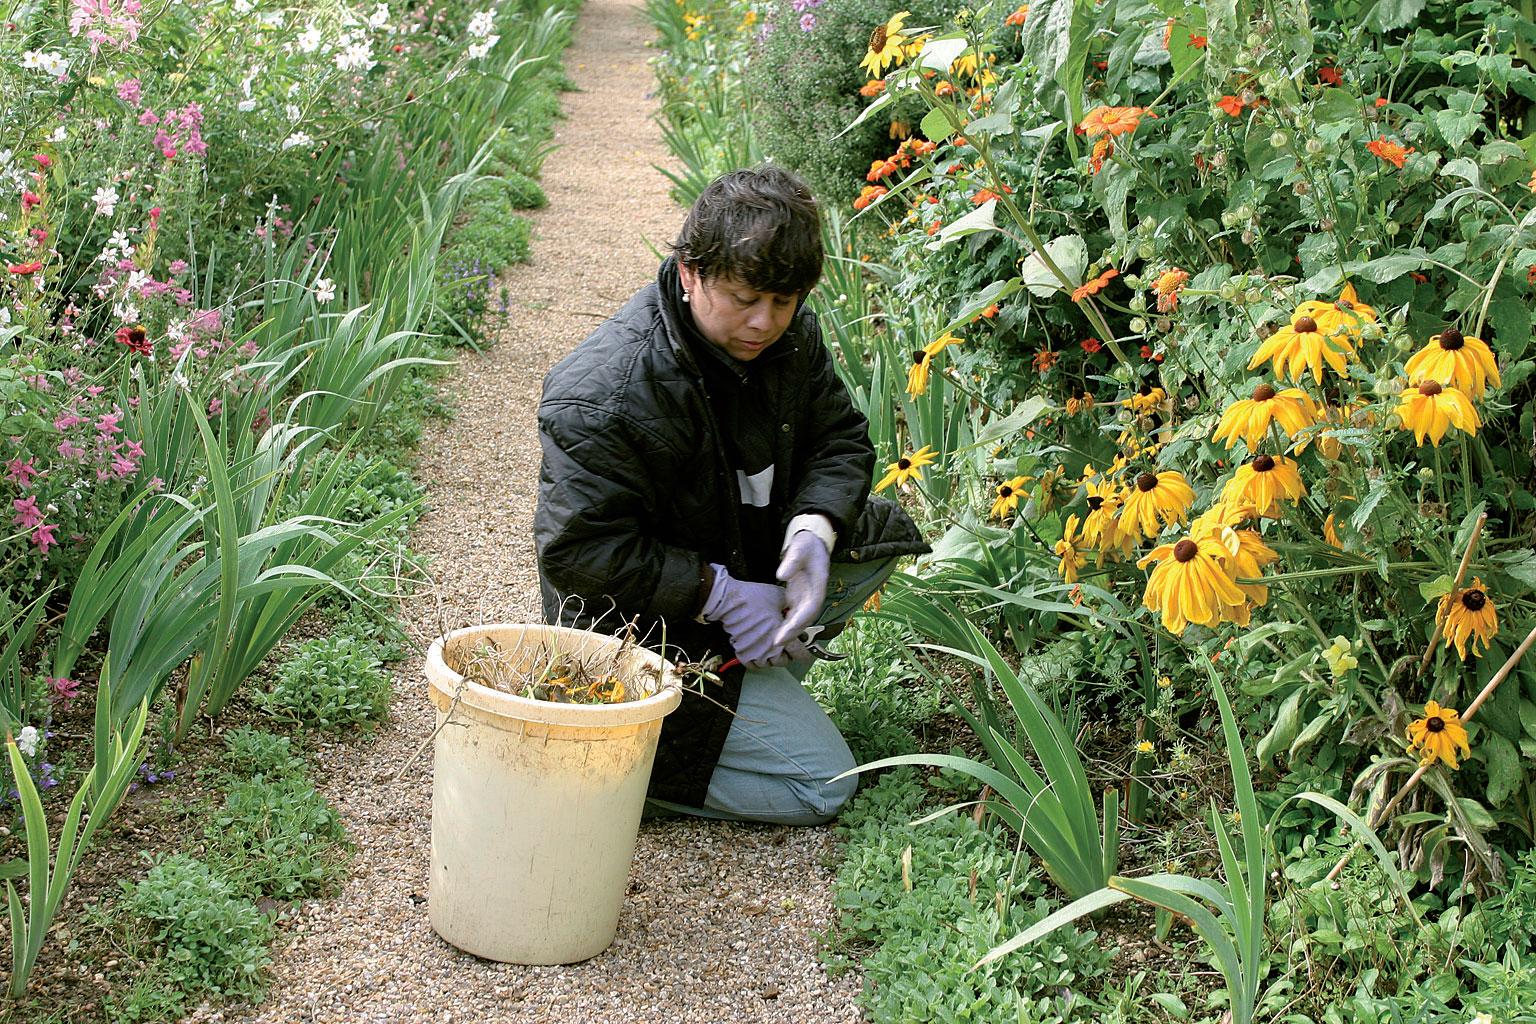 Givernyn puutarhassa on ympäri vuoden myös amerikkalaisia ja meksikolaisia vapaaehtoistyössä.